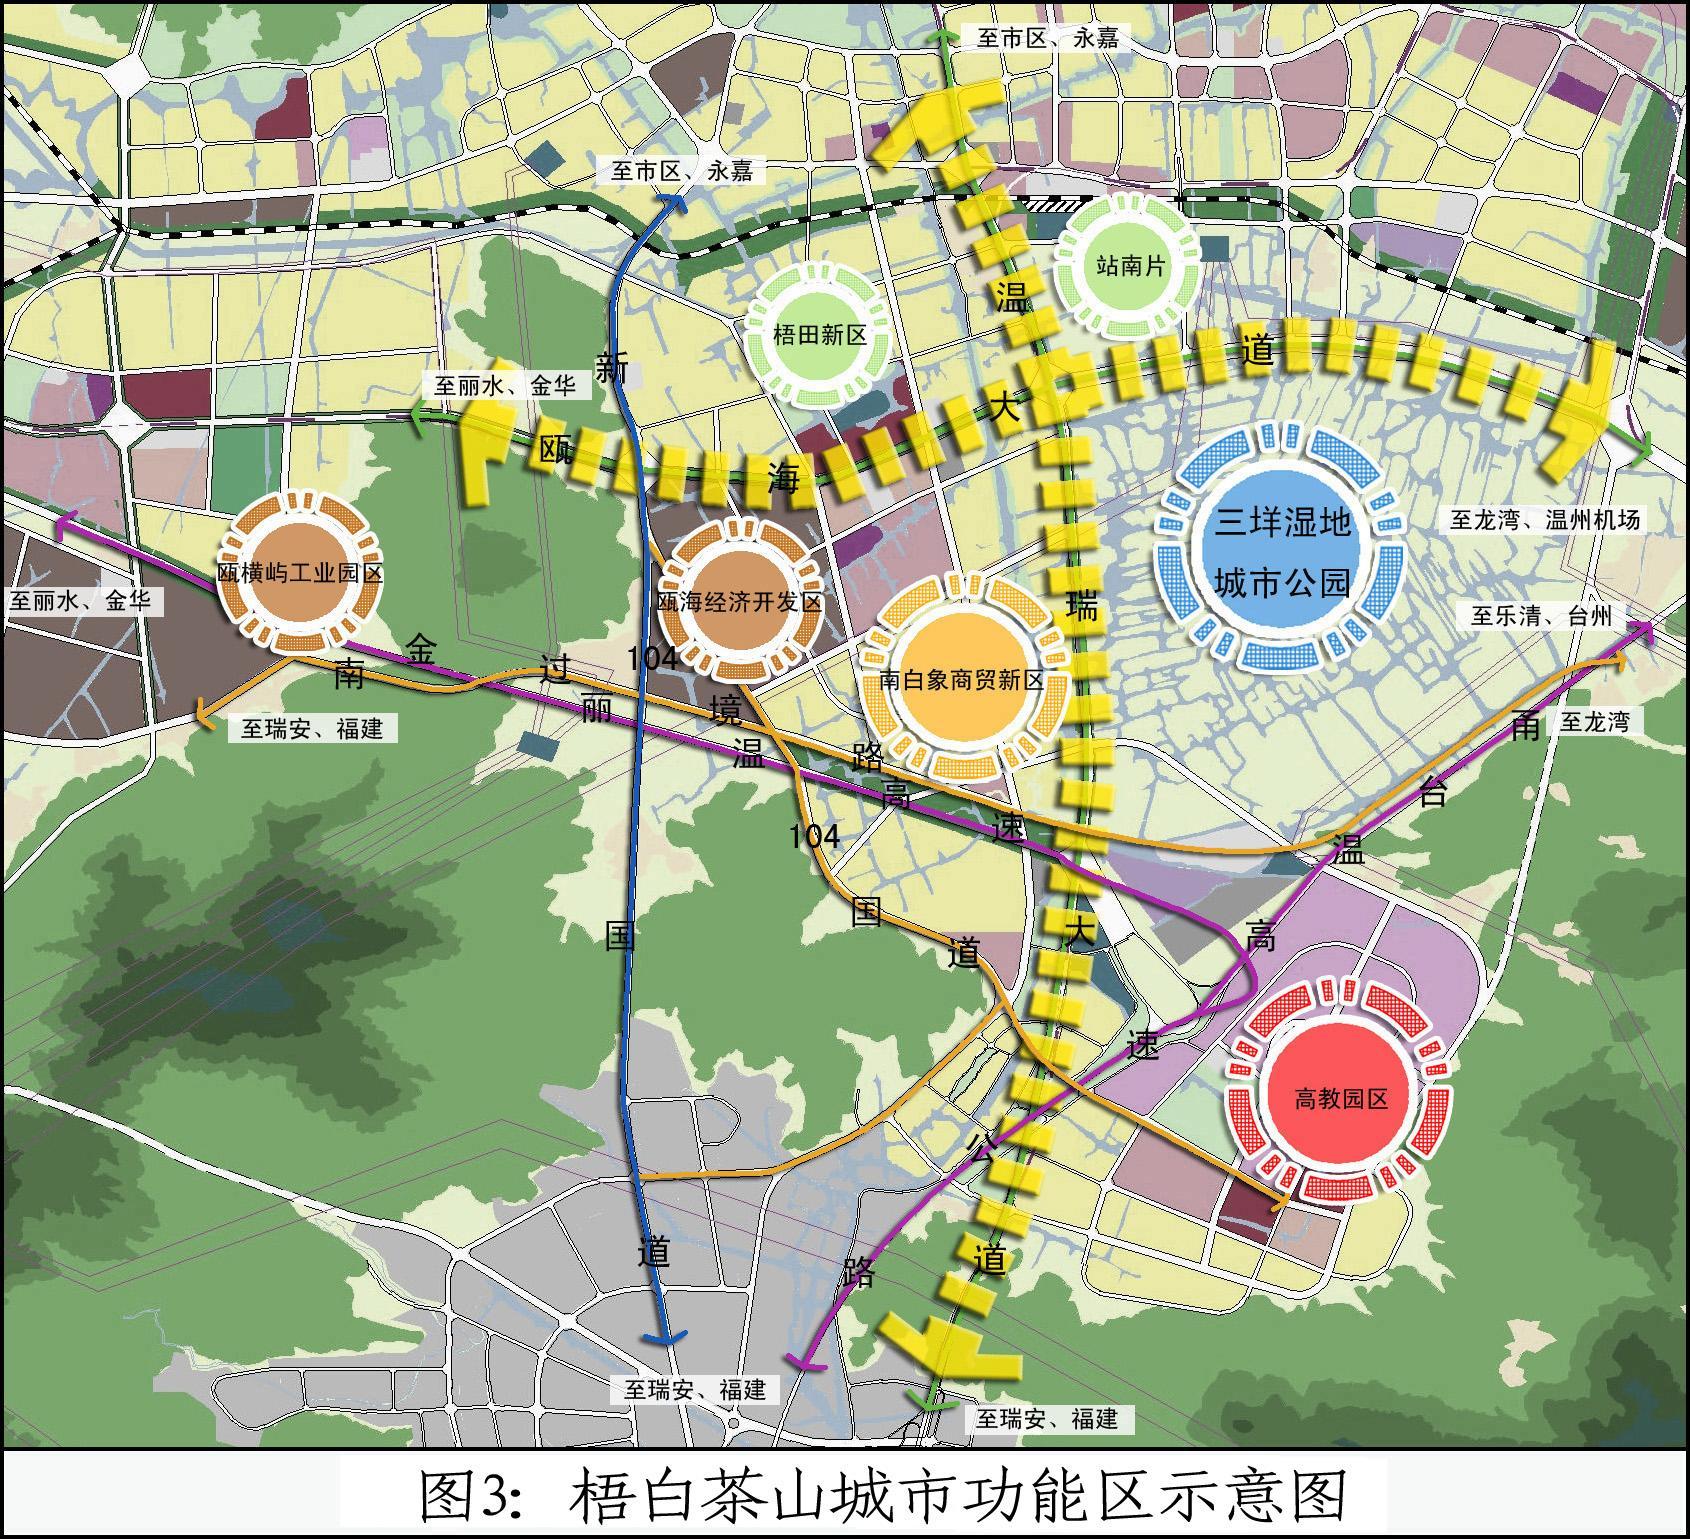 石家庄鹿泉市十二五规划是怎样规划的 将向哪个方向发展 最好给个 鹿